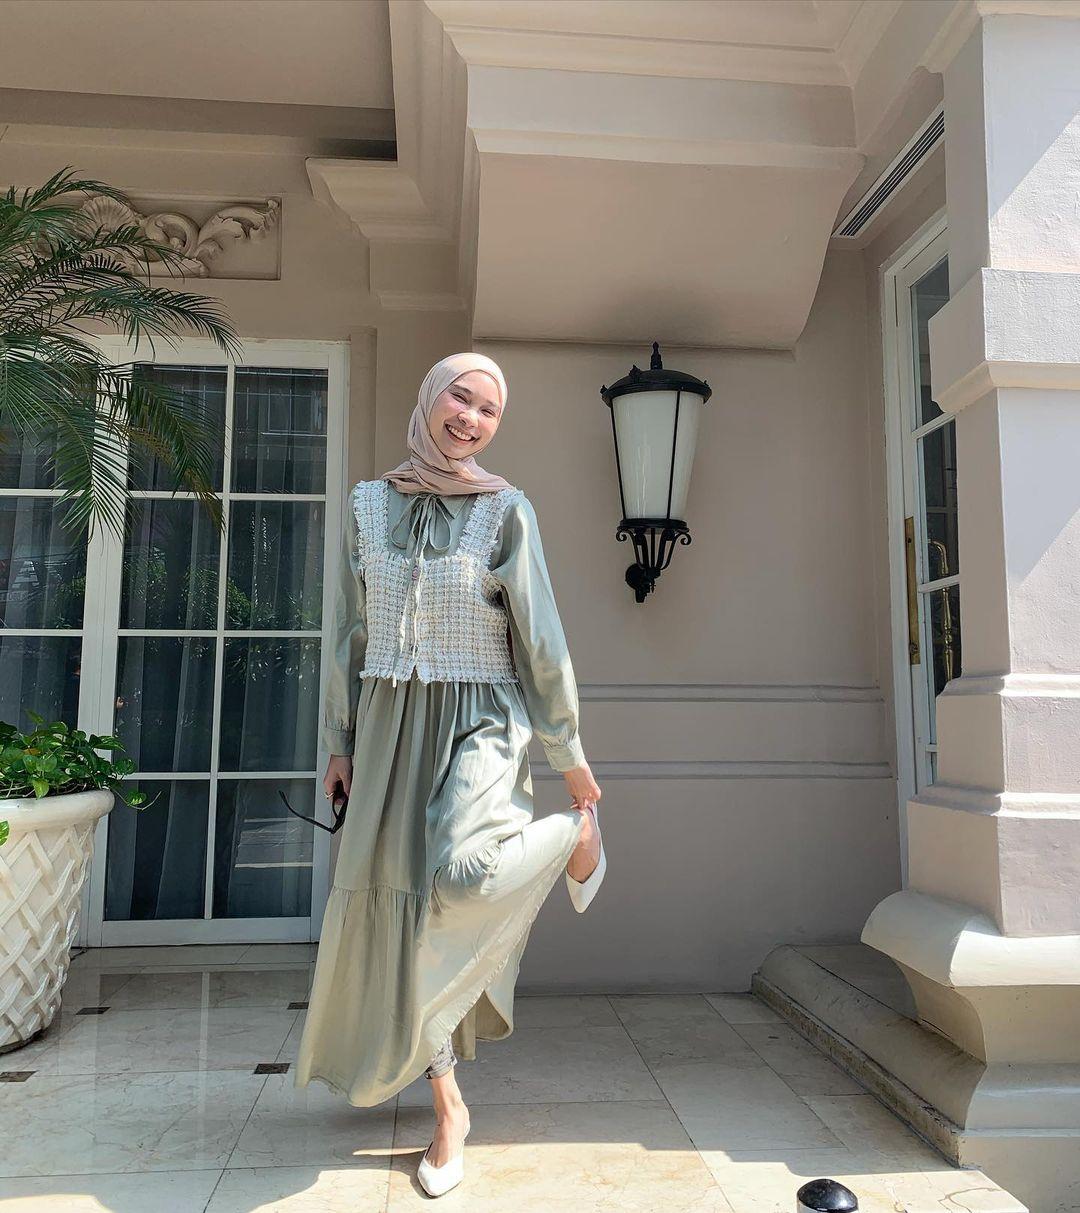 Ide Jilbab Musim Panas Yang Dapat Anda Lacak Untuk Penampilan Anda Selanjutnya